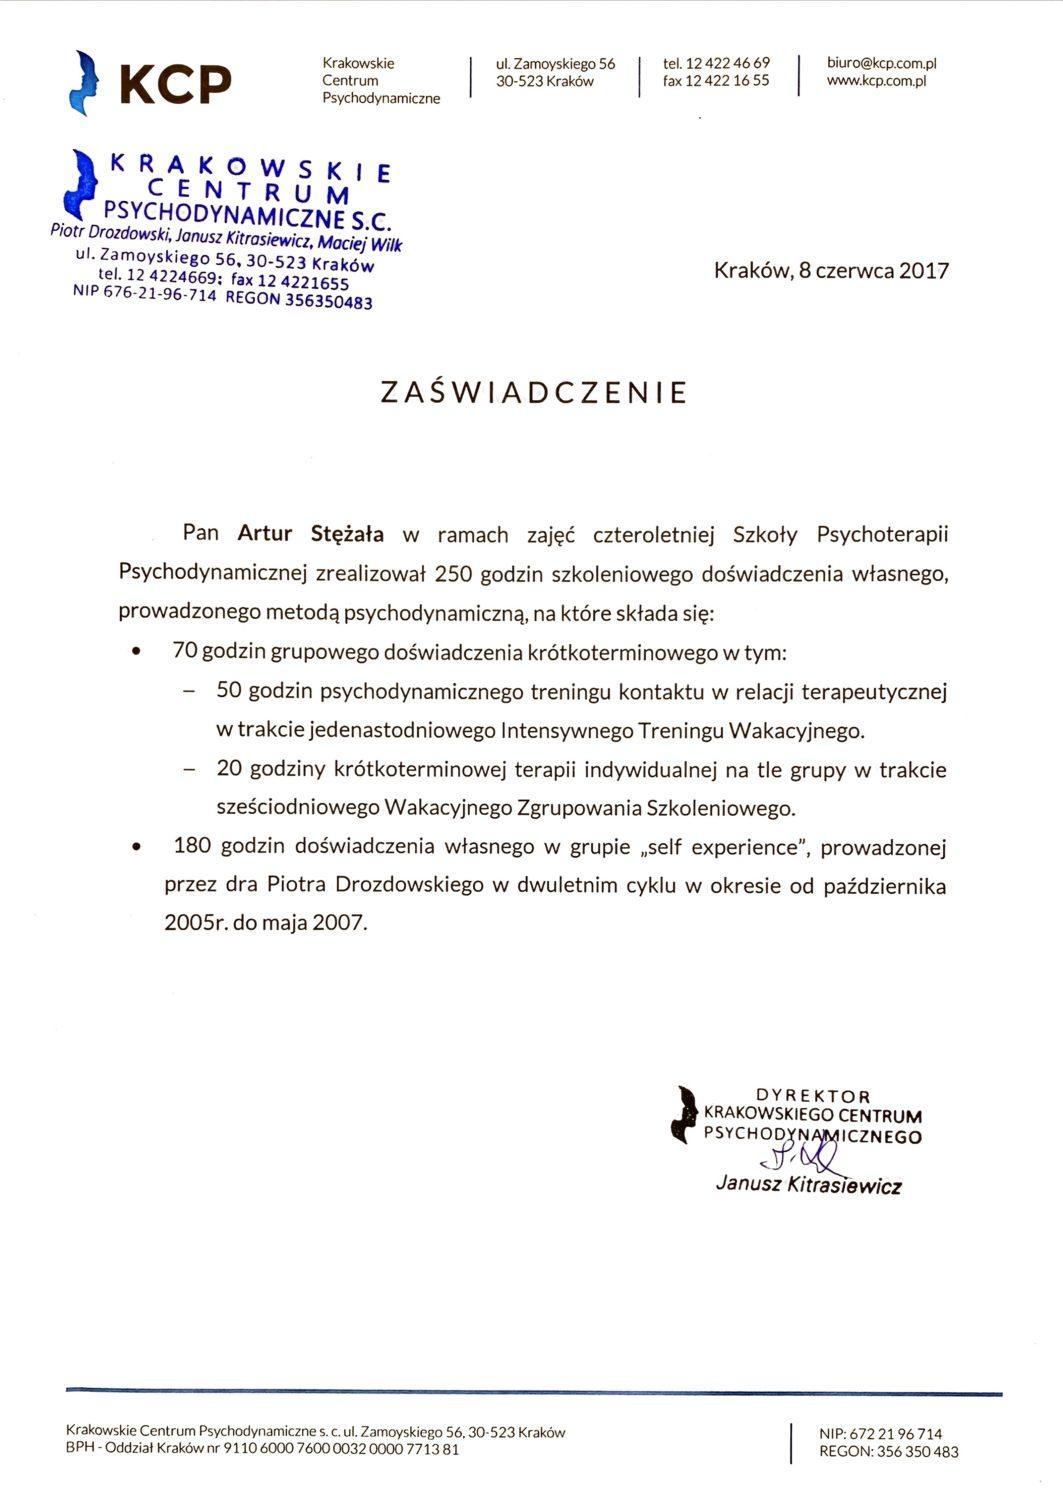 Szkoła Psychoterapii Psychodynamicznej - zaświadczenie